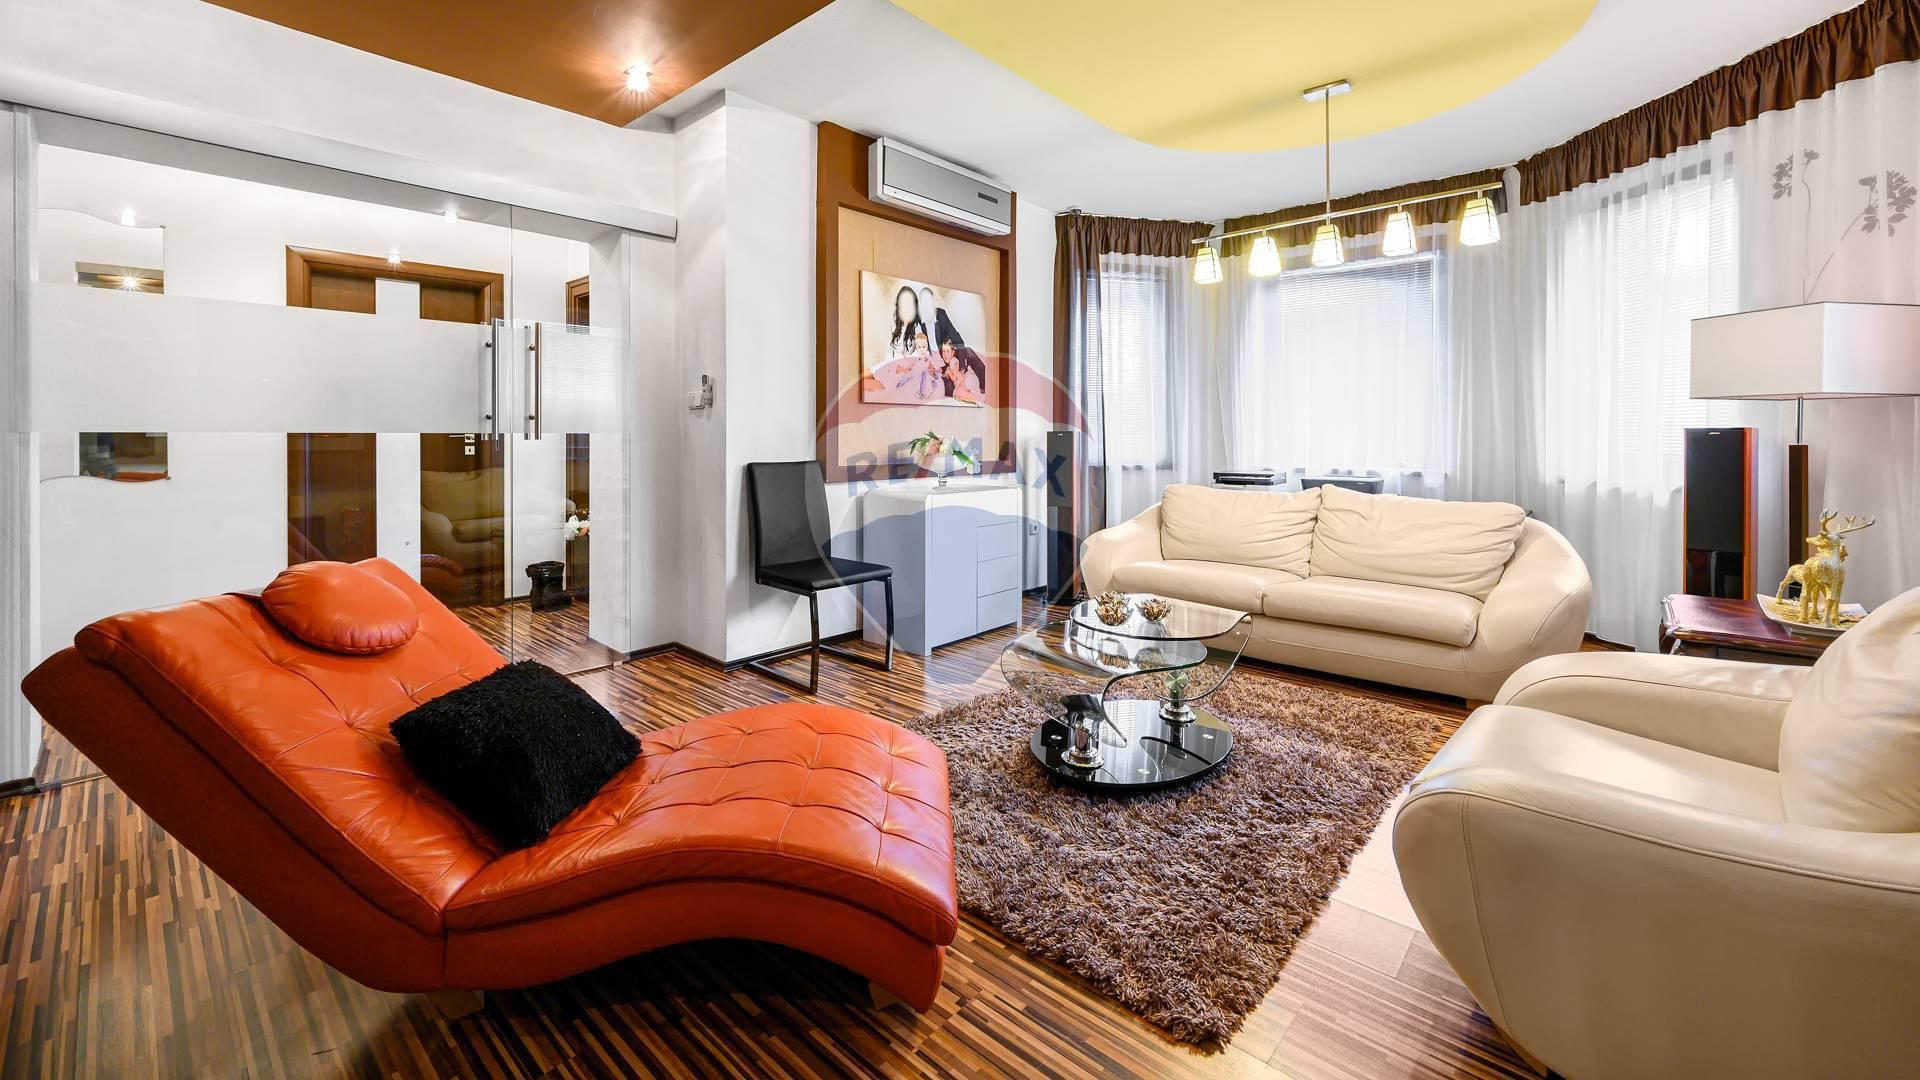 PREDAJ luxusného rodinného domu, Veľká Mača, bazén, hosťovský dom, sauna, garáže